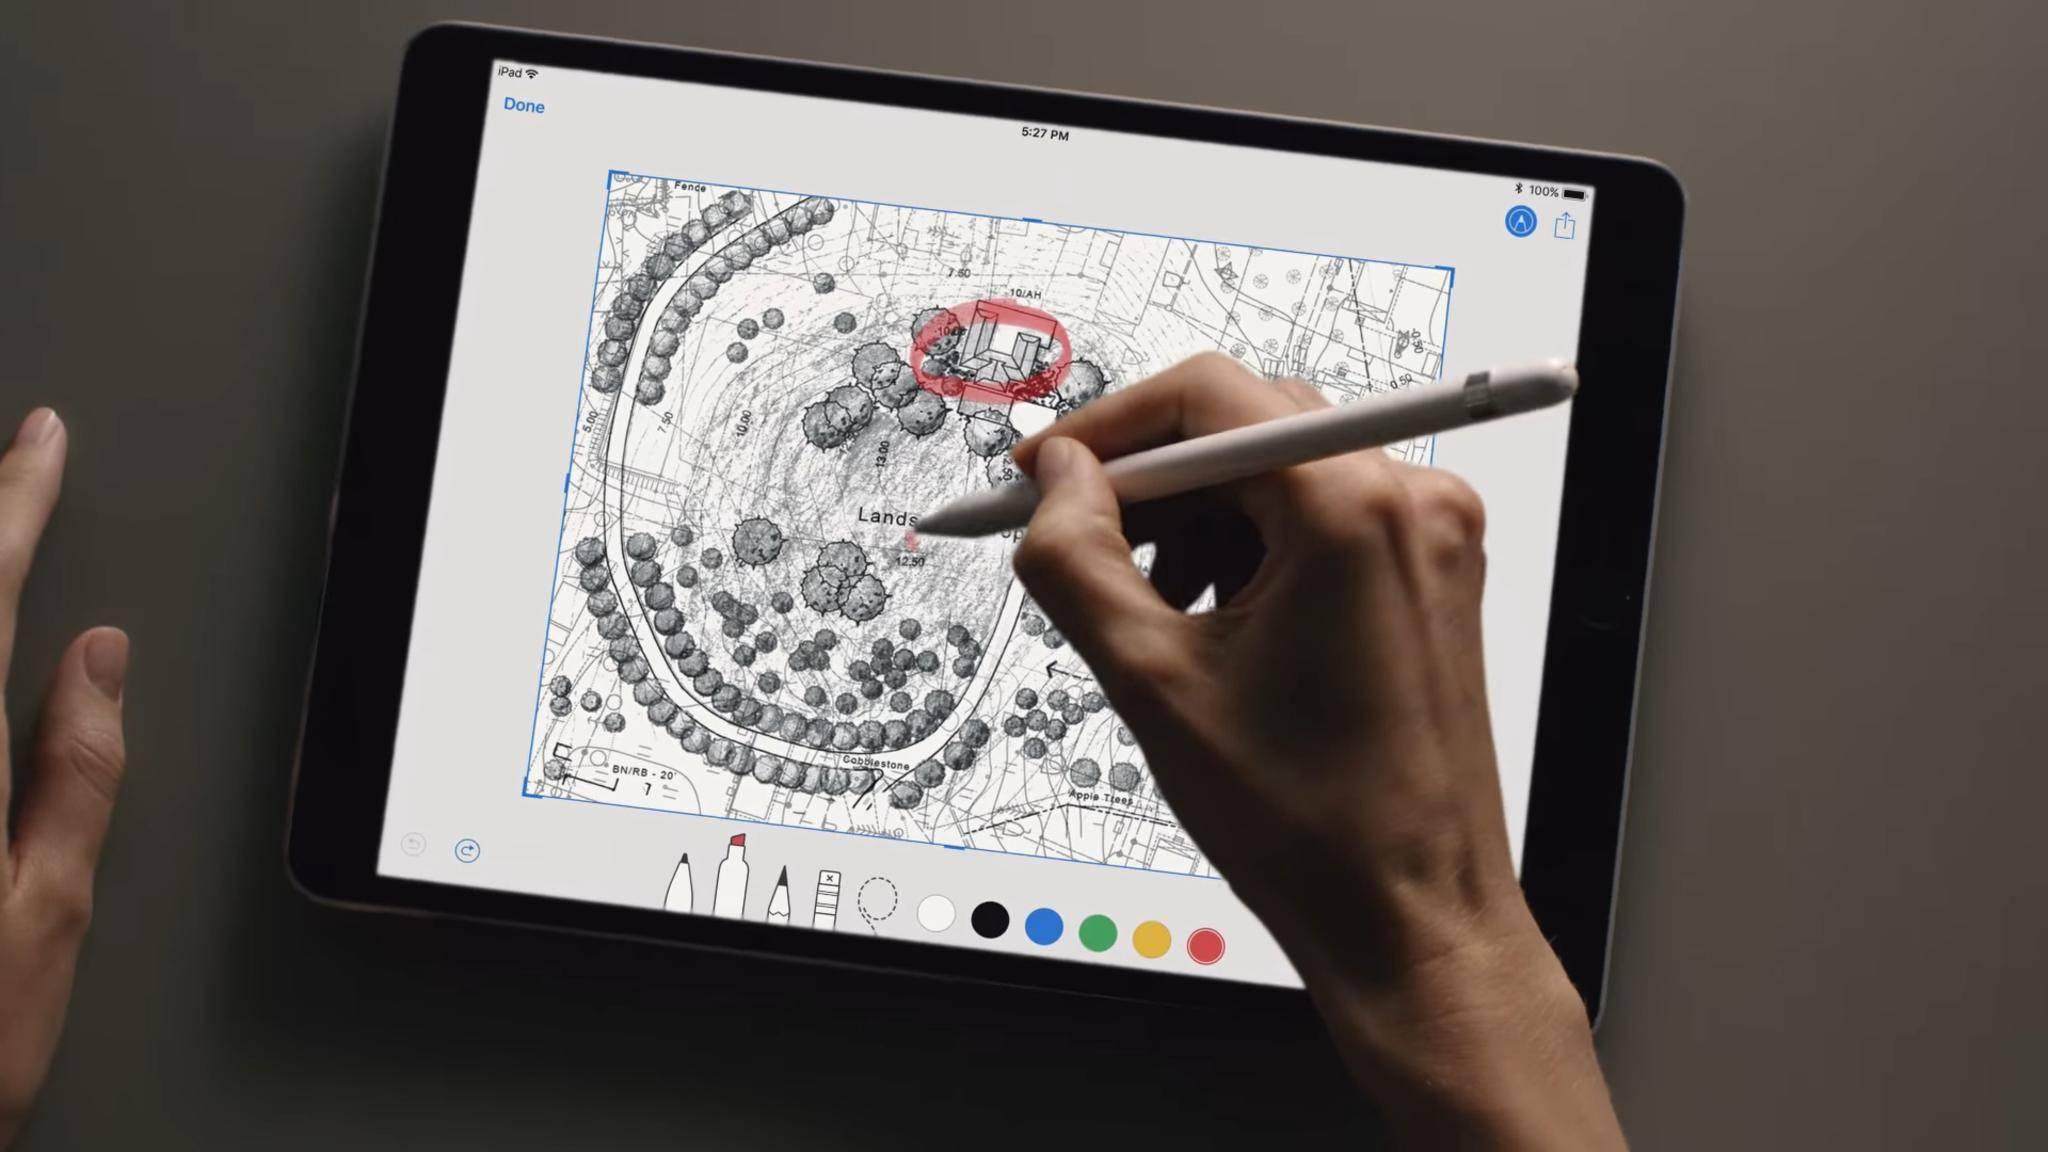 Die iPad Pro 10.5 bietet eine ebenso hohe Leistung wie das größere iPad Pro 12.9.